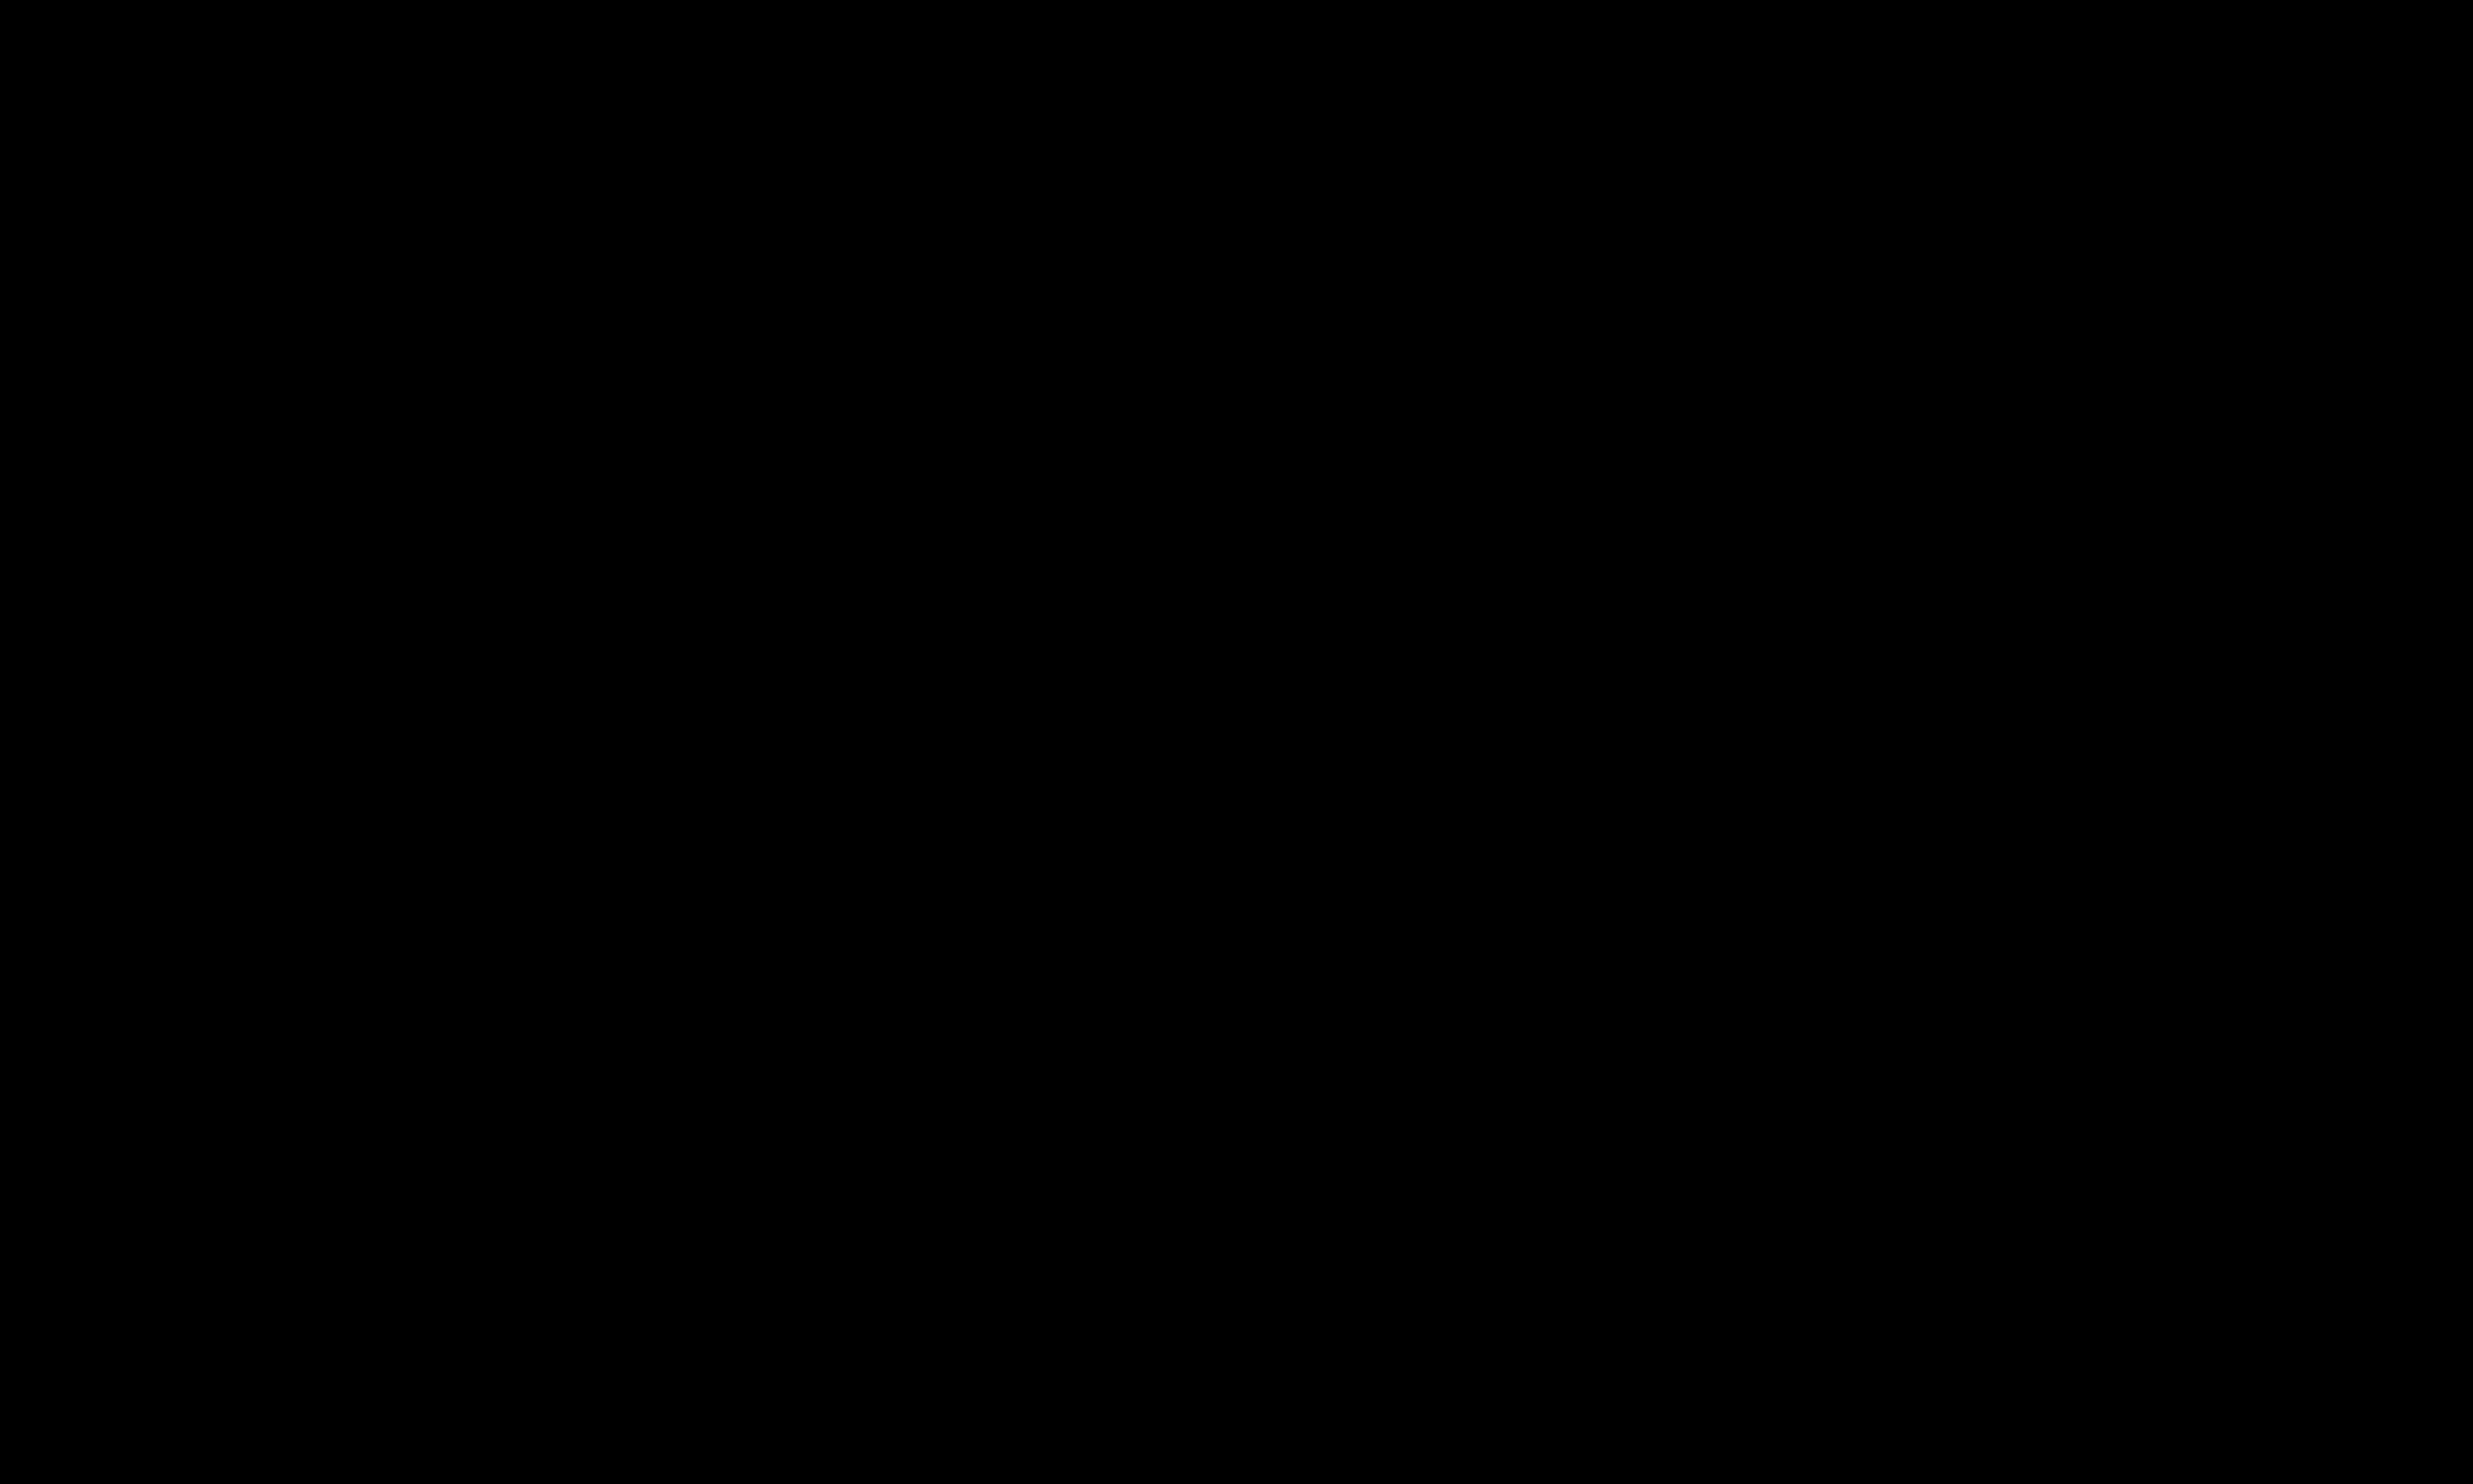 Shimer-System